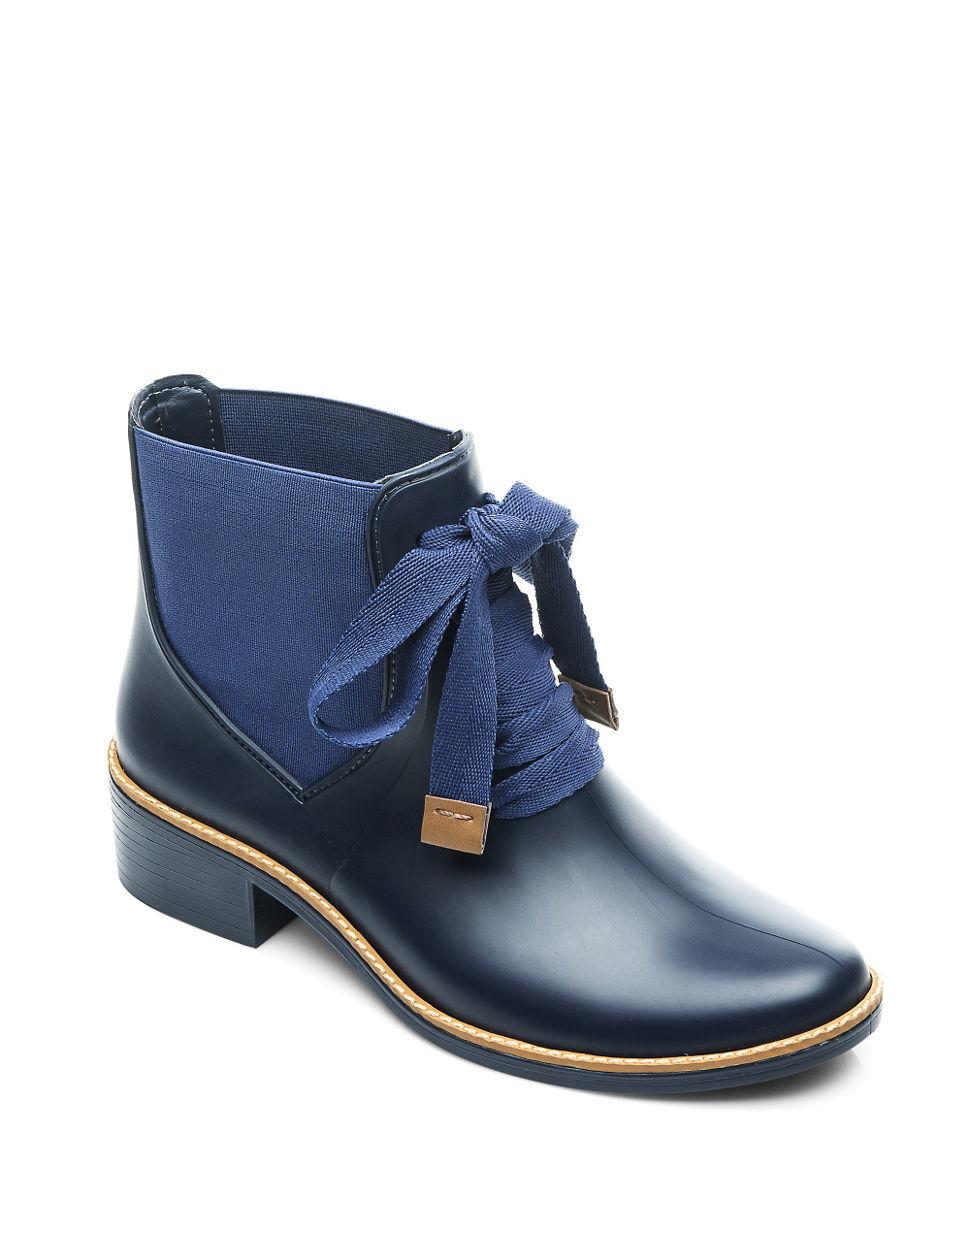 Bernardo Lacey Rain Booties in Blue | Lyst